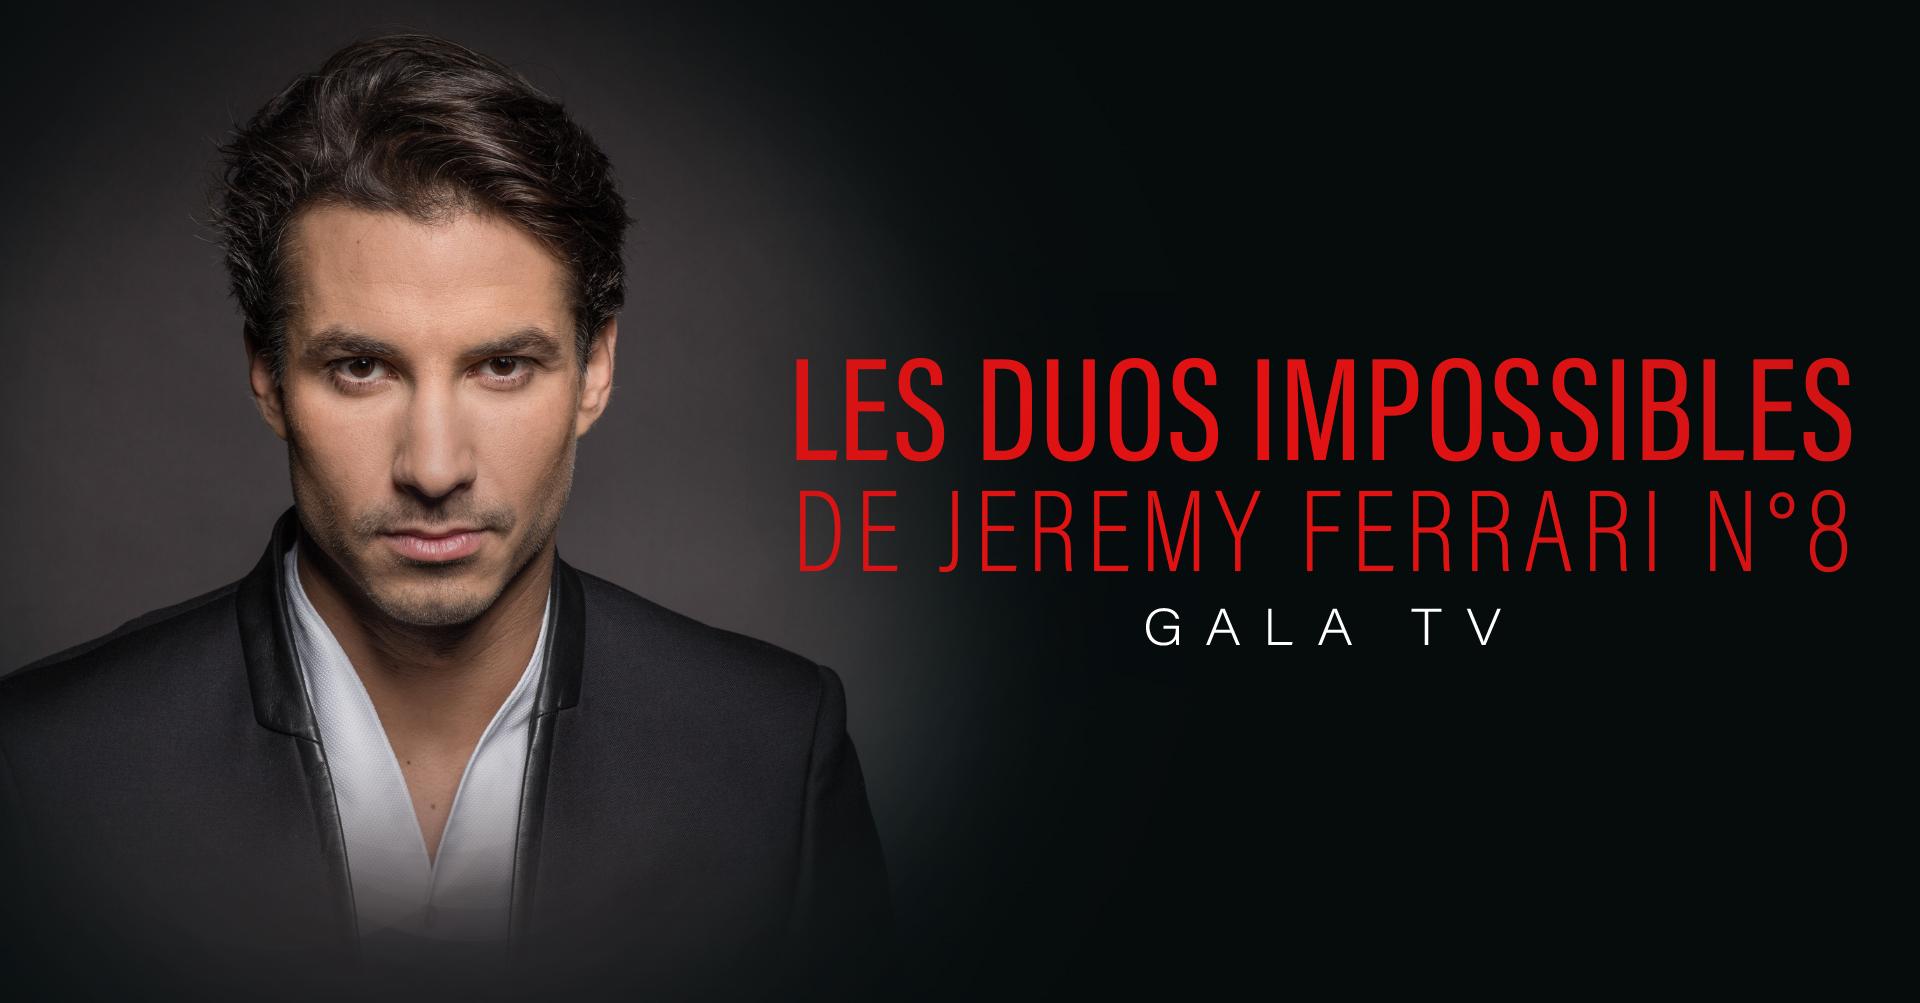 LES DUOS IMPOSSIBLES DE Jérémy Ferrari N°8